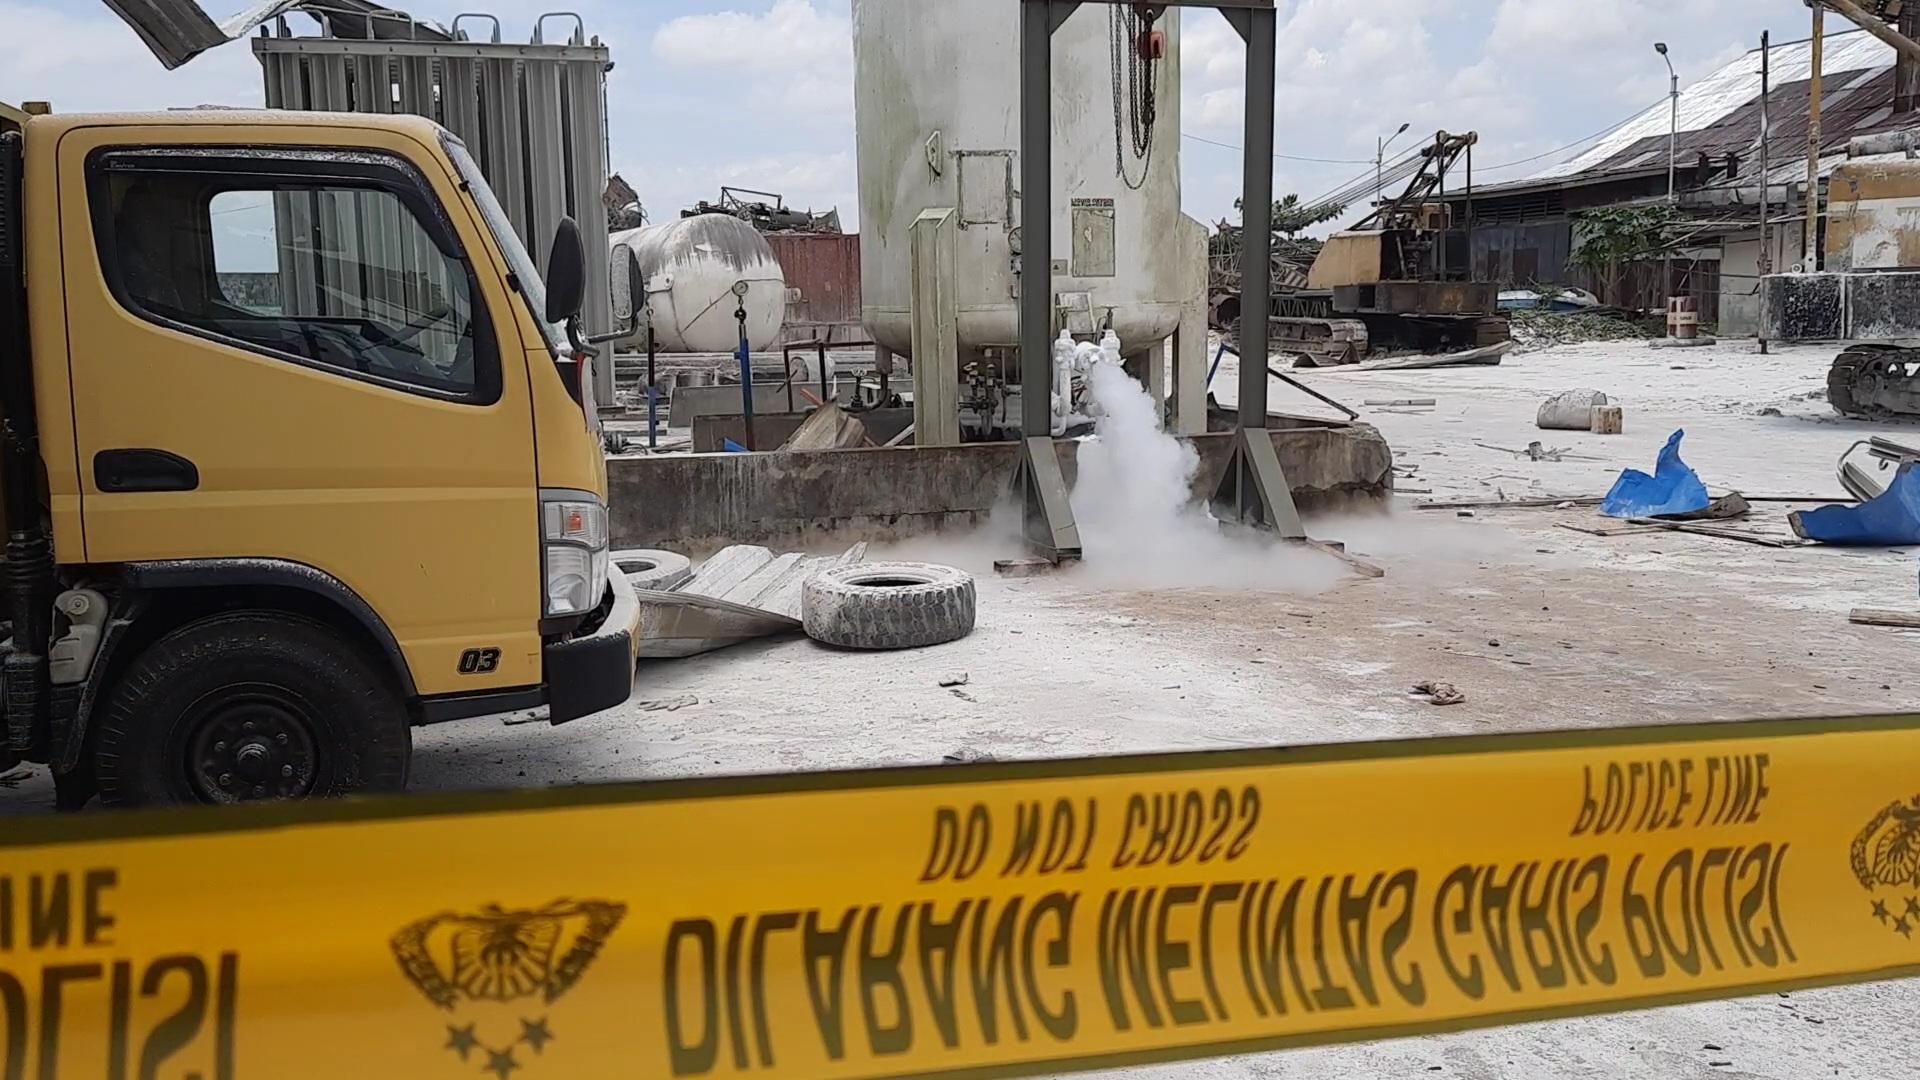 https: img.okezone.com content 2020 10 05 340 2288885 ledakan-tabung-nitrogen-rusak-puluhan-rumah-perusahaan-sebut-lagi-sial-NAiYWZI9JM.jpg